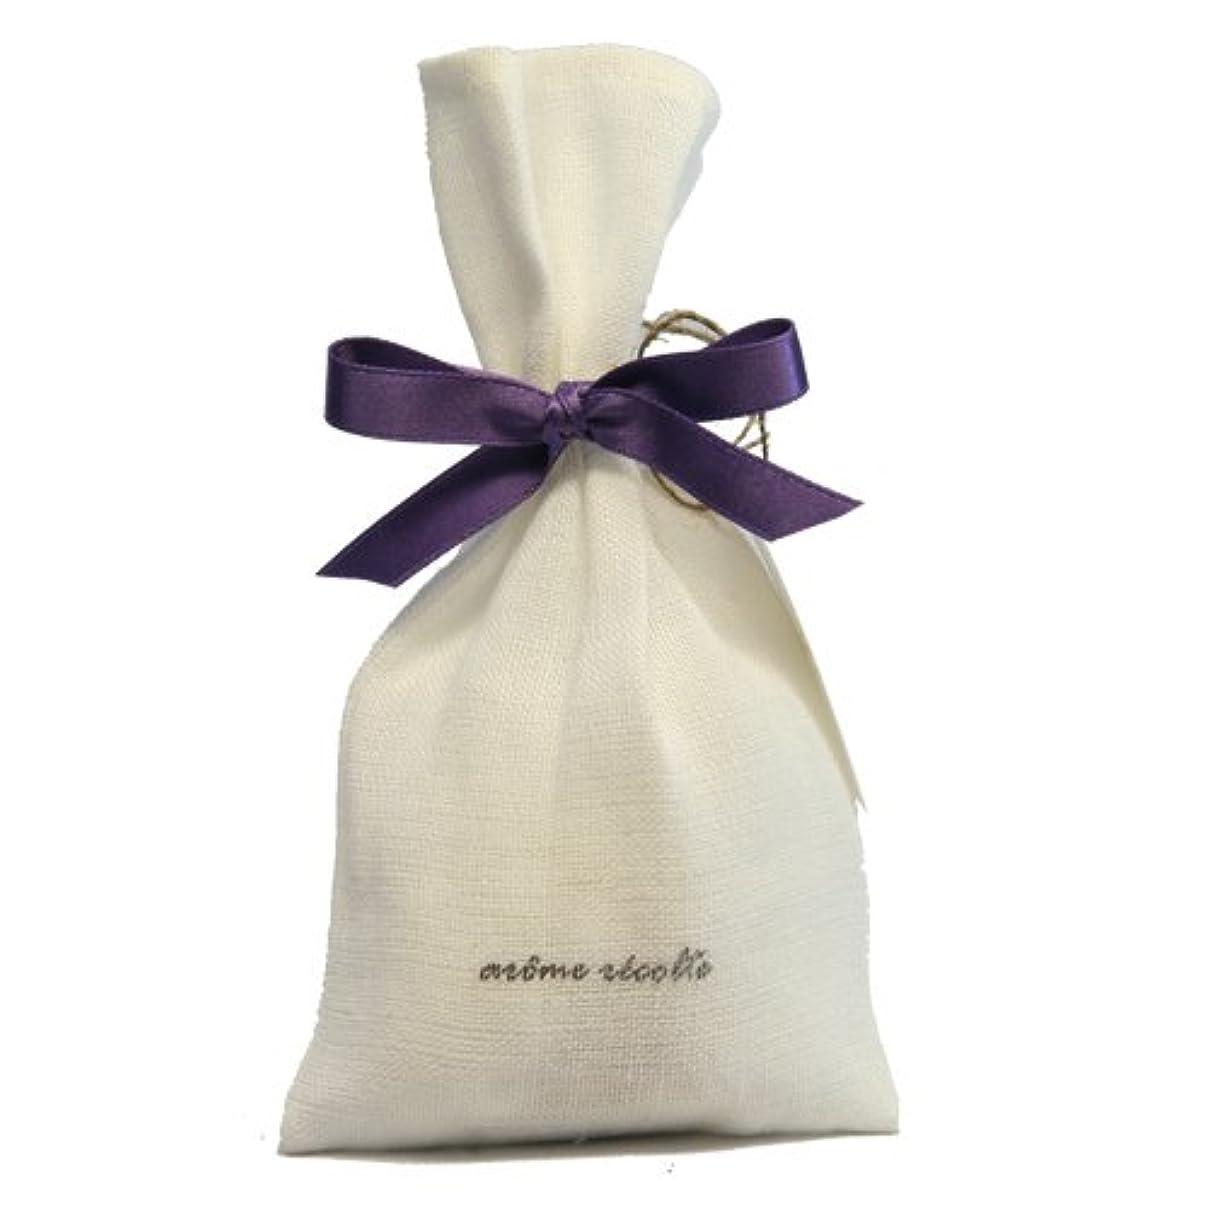 小屋マーケティング忠誠アロマレコルト ナチュラルサシェ(香り袋) フローラル【Floral】 arome rcolte